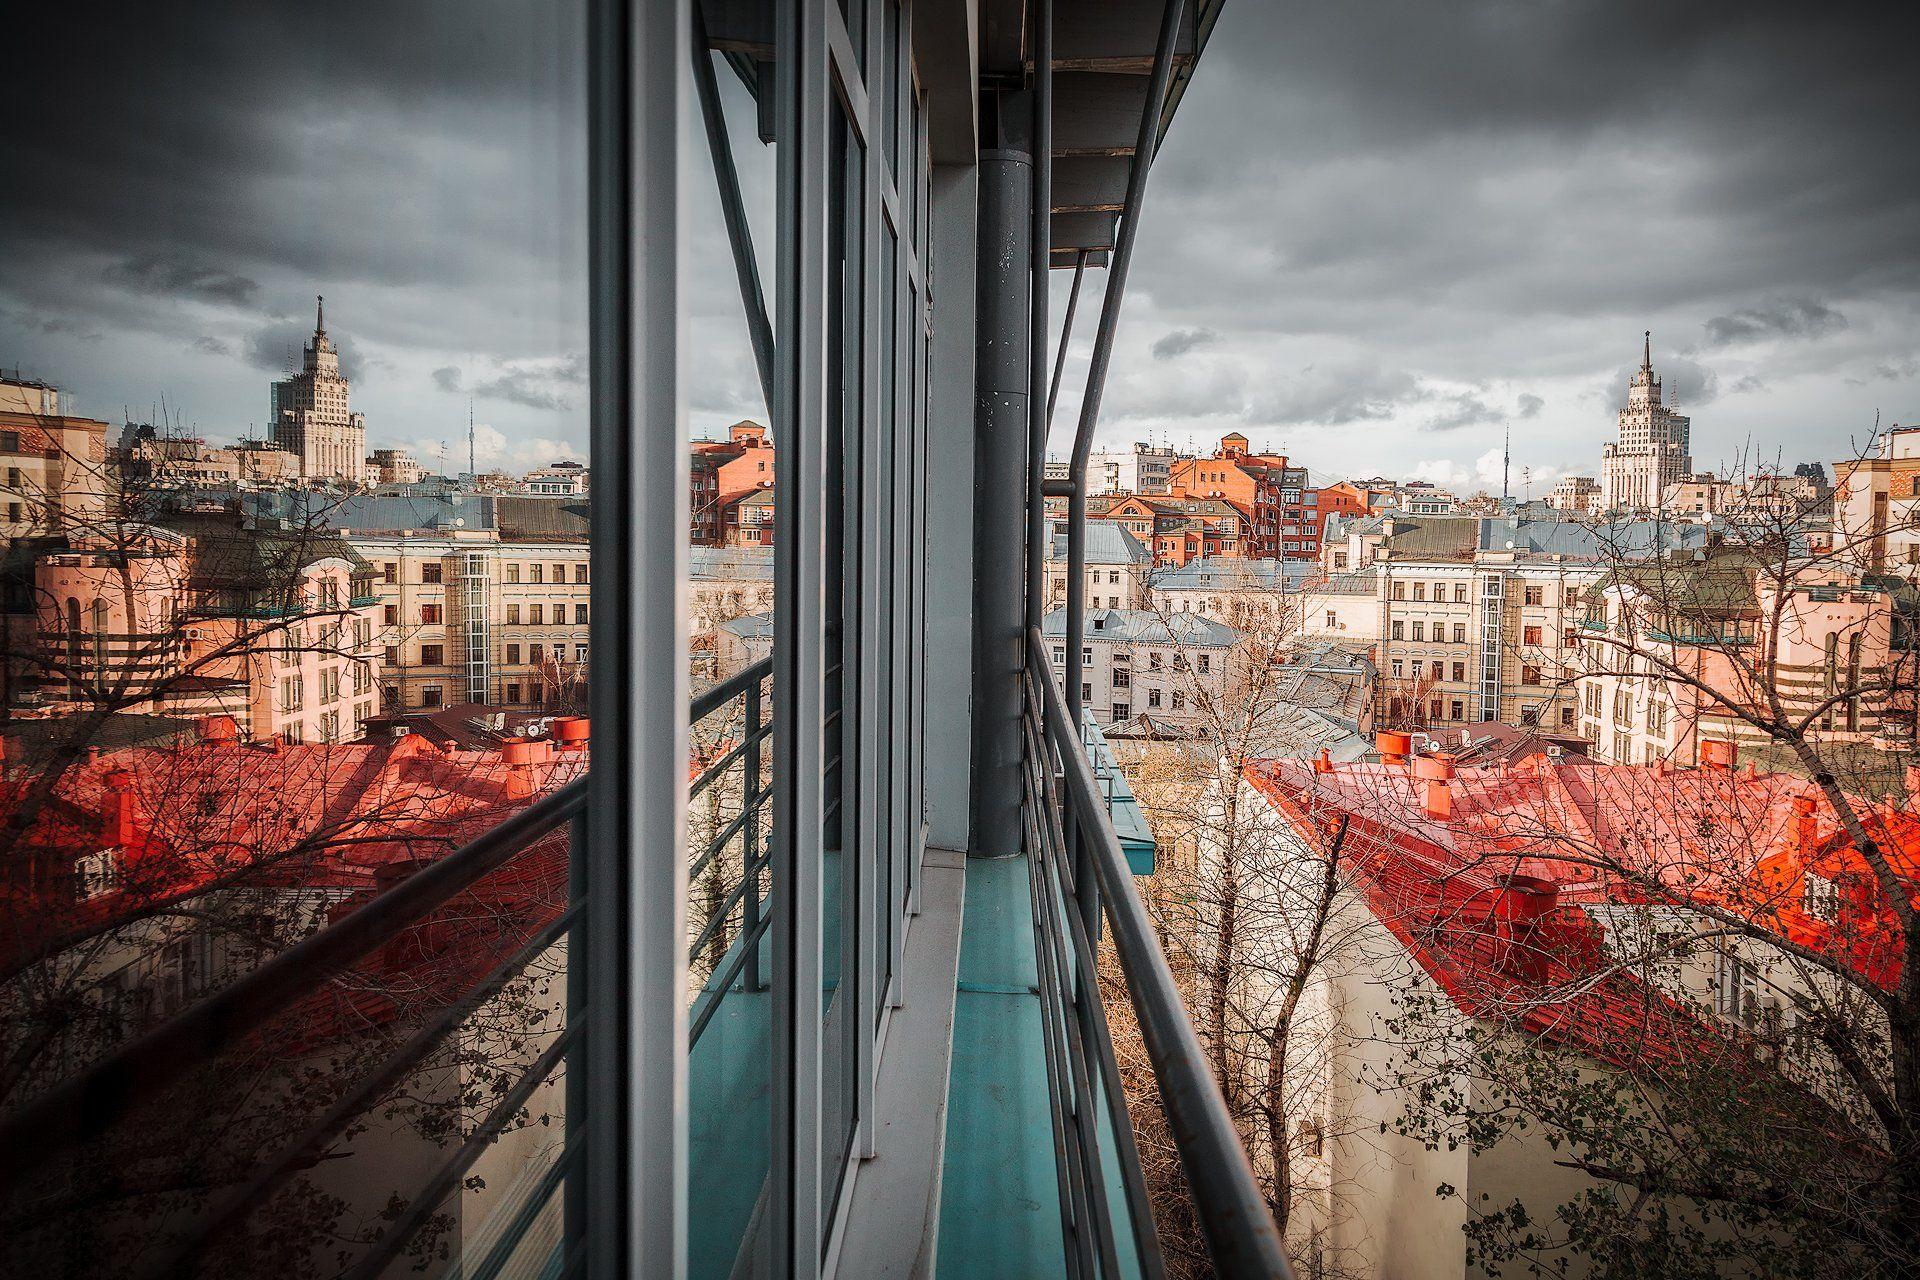 москва, крыши, свет, цвет, здания, осень, отражения, тучи, облака, солнце, гостиница, Андрей Огнев